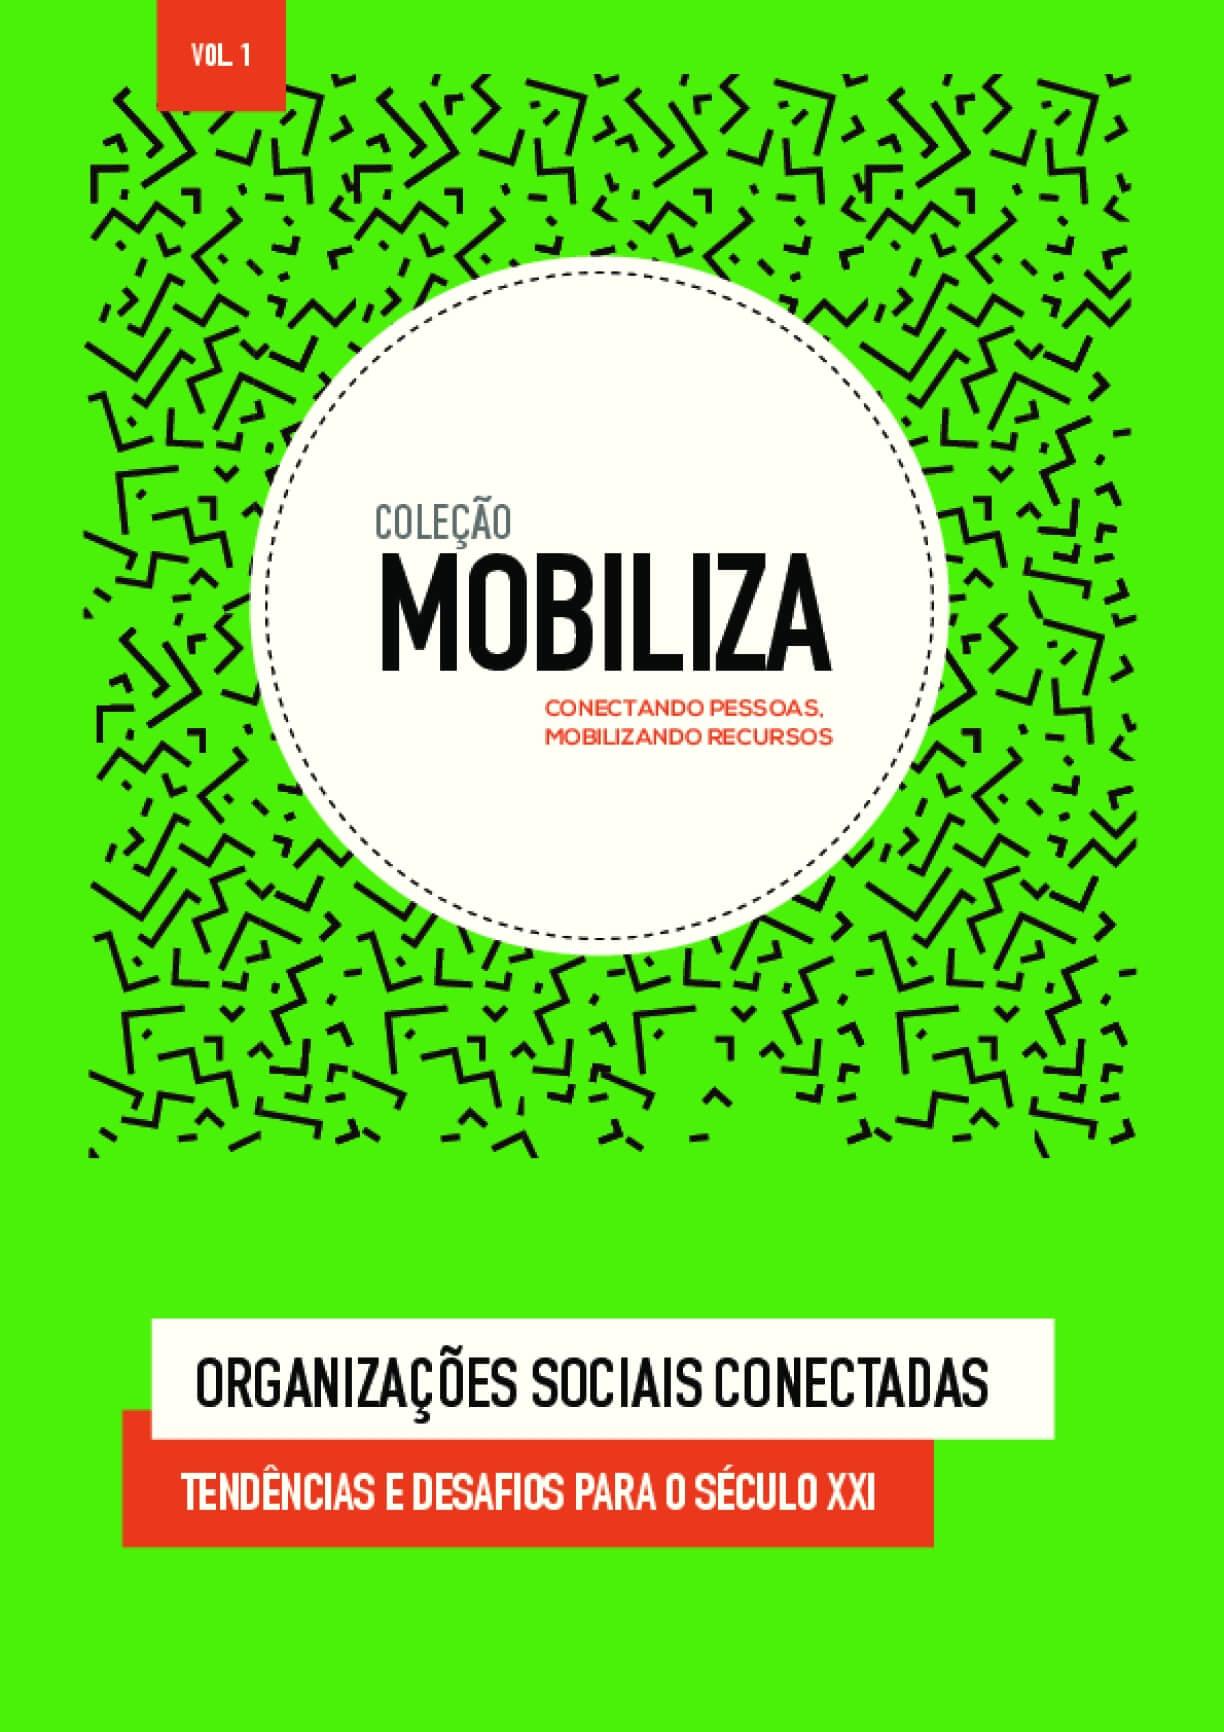 Organizações sociais conectadas: Tendências e desafios para o século XXI